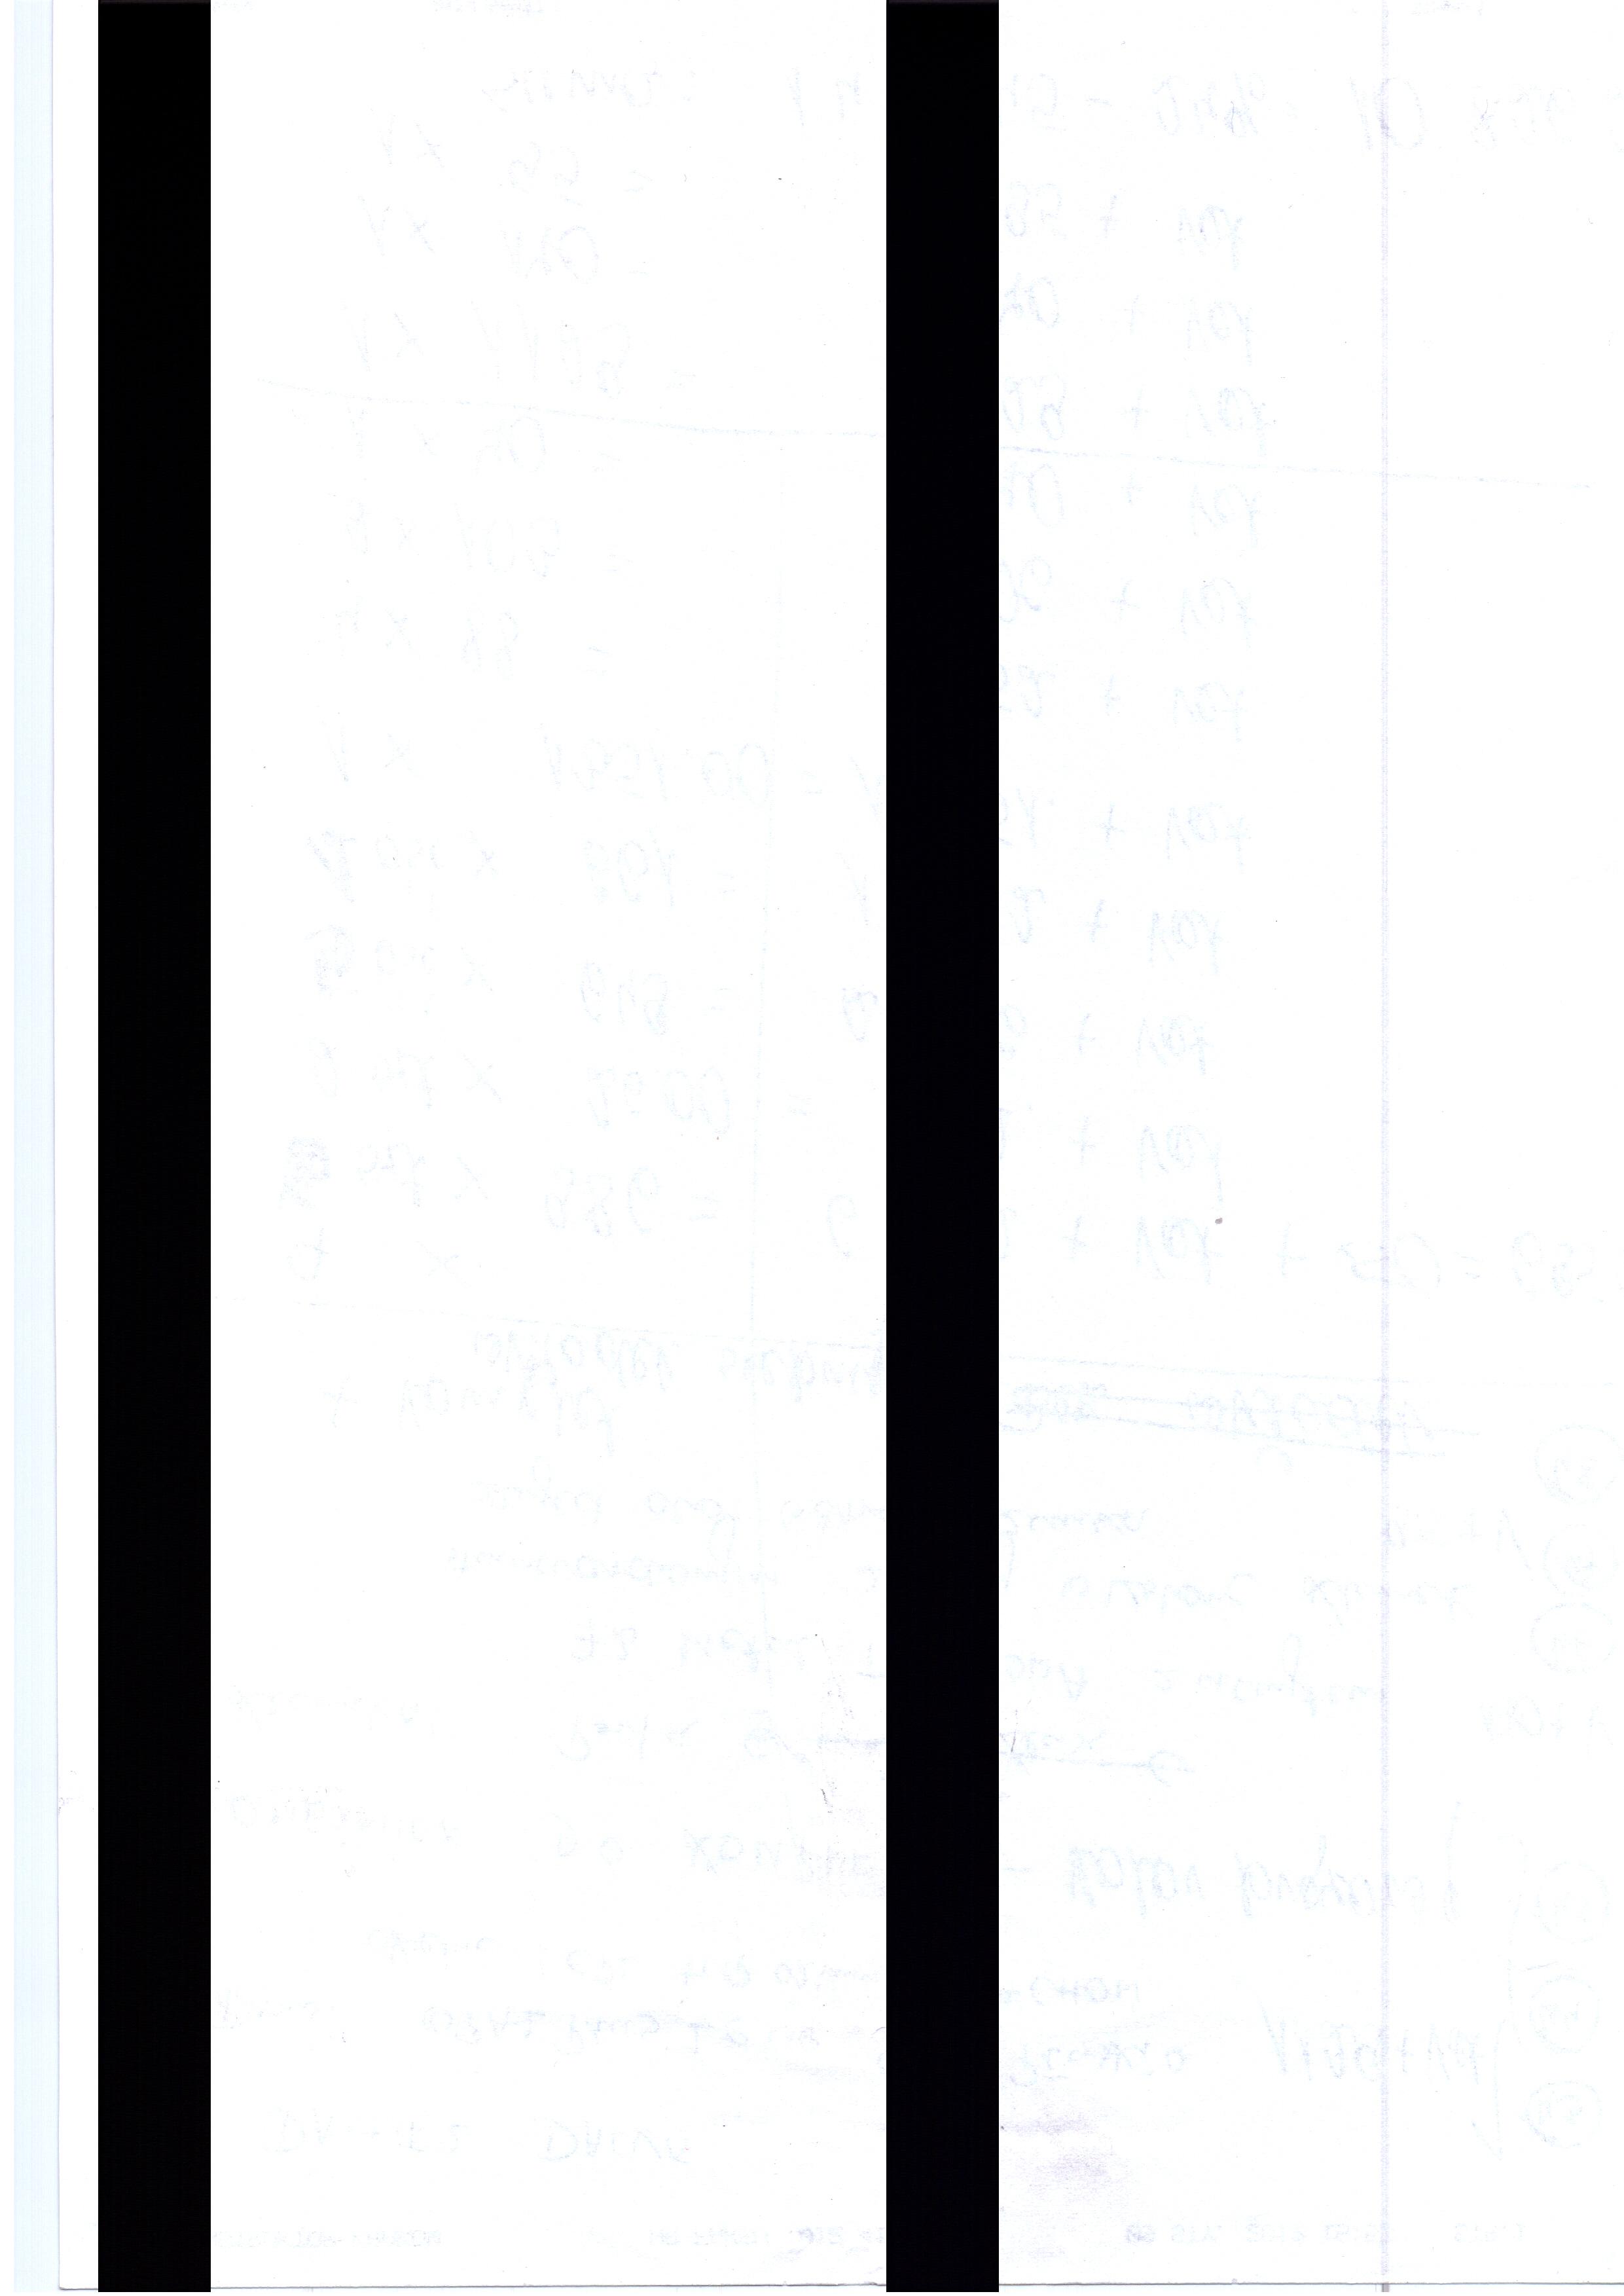 Lexmark x9575 przy skanowaniu i kopiowaniu drukuje czarne, r�wne, pionowe paski